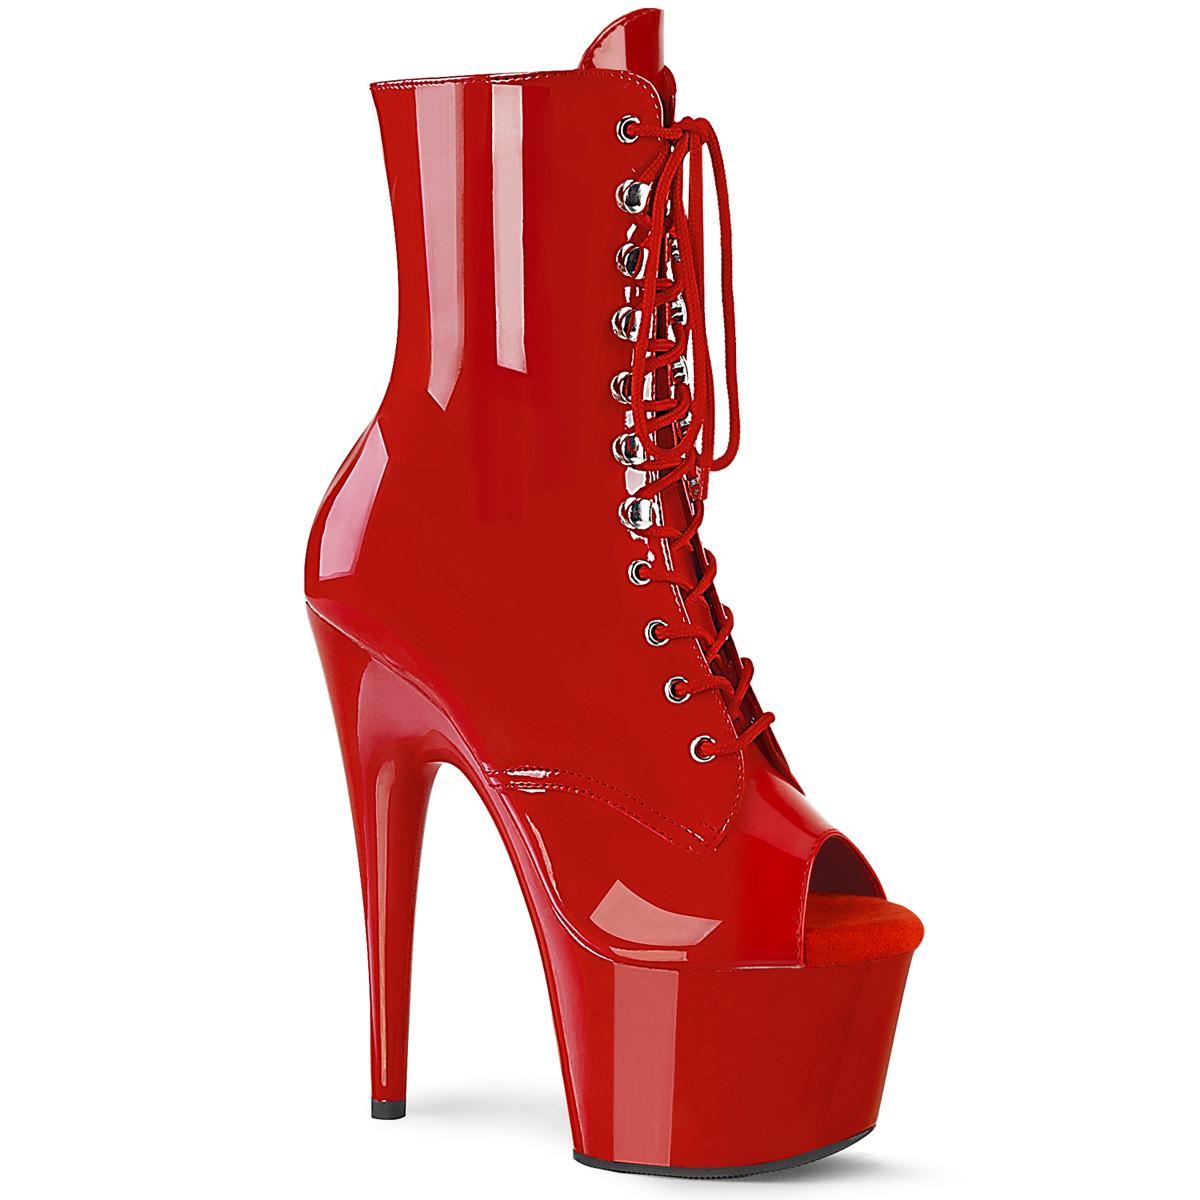 Pleaser(プリーザー) ADORE-1021 ピープトゥレースアップアンクルブーツ エナメル赤◆取り寄せ